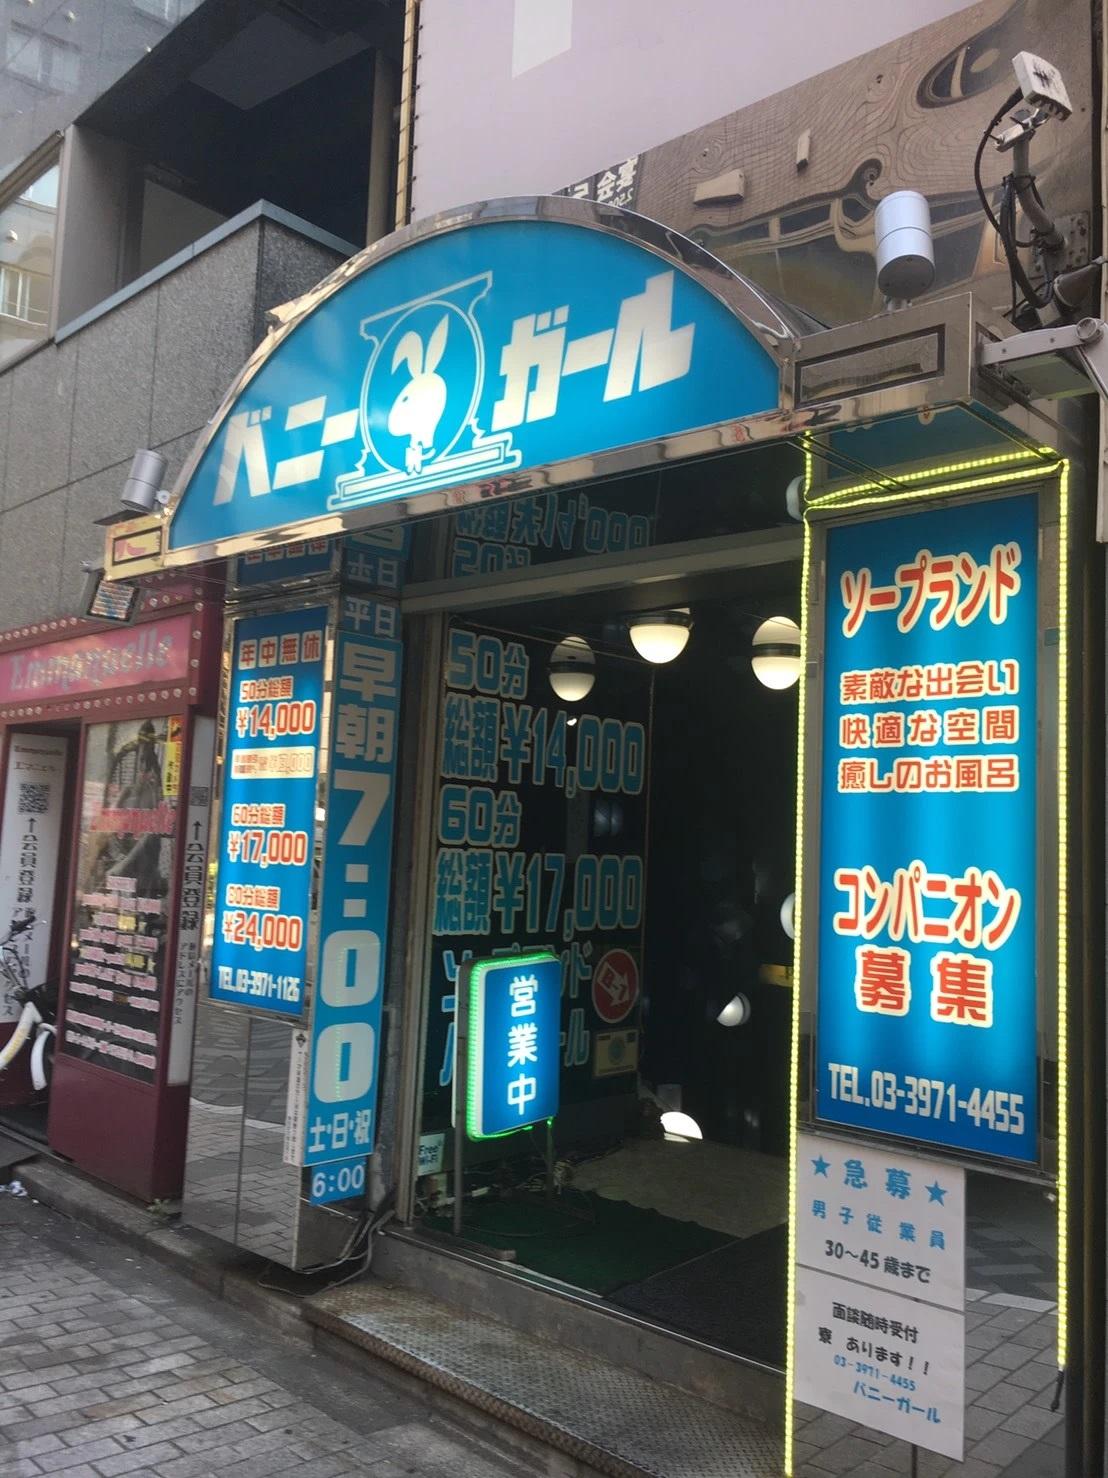 東京 池袋的泡泡浴店(後篇)